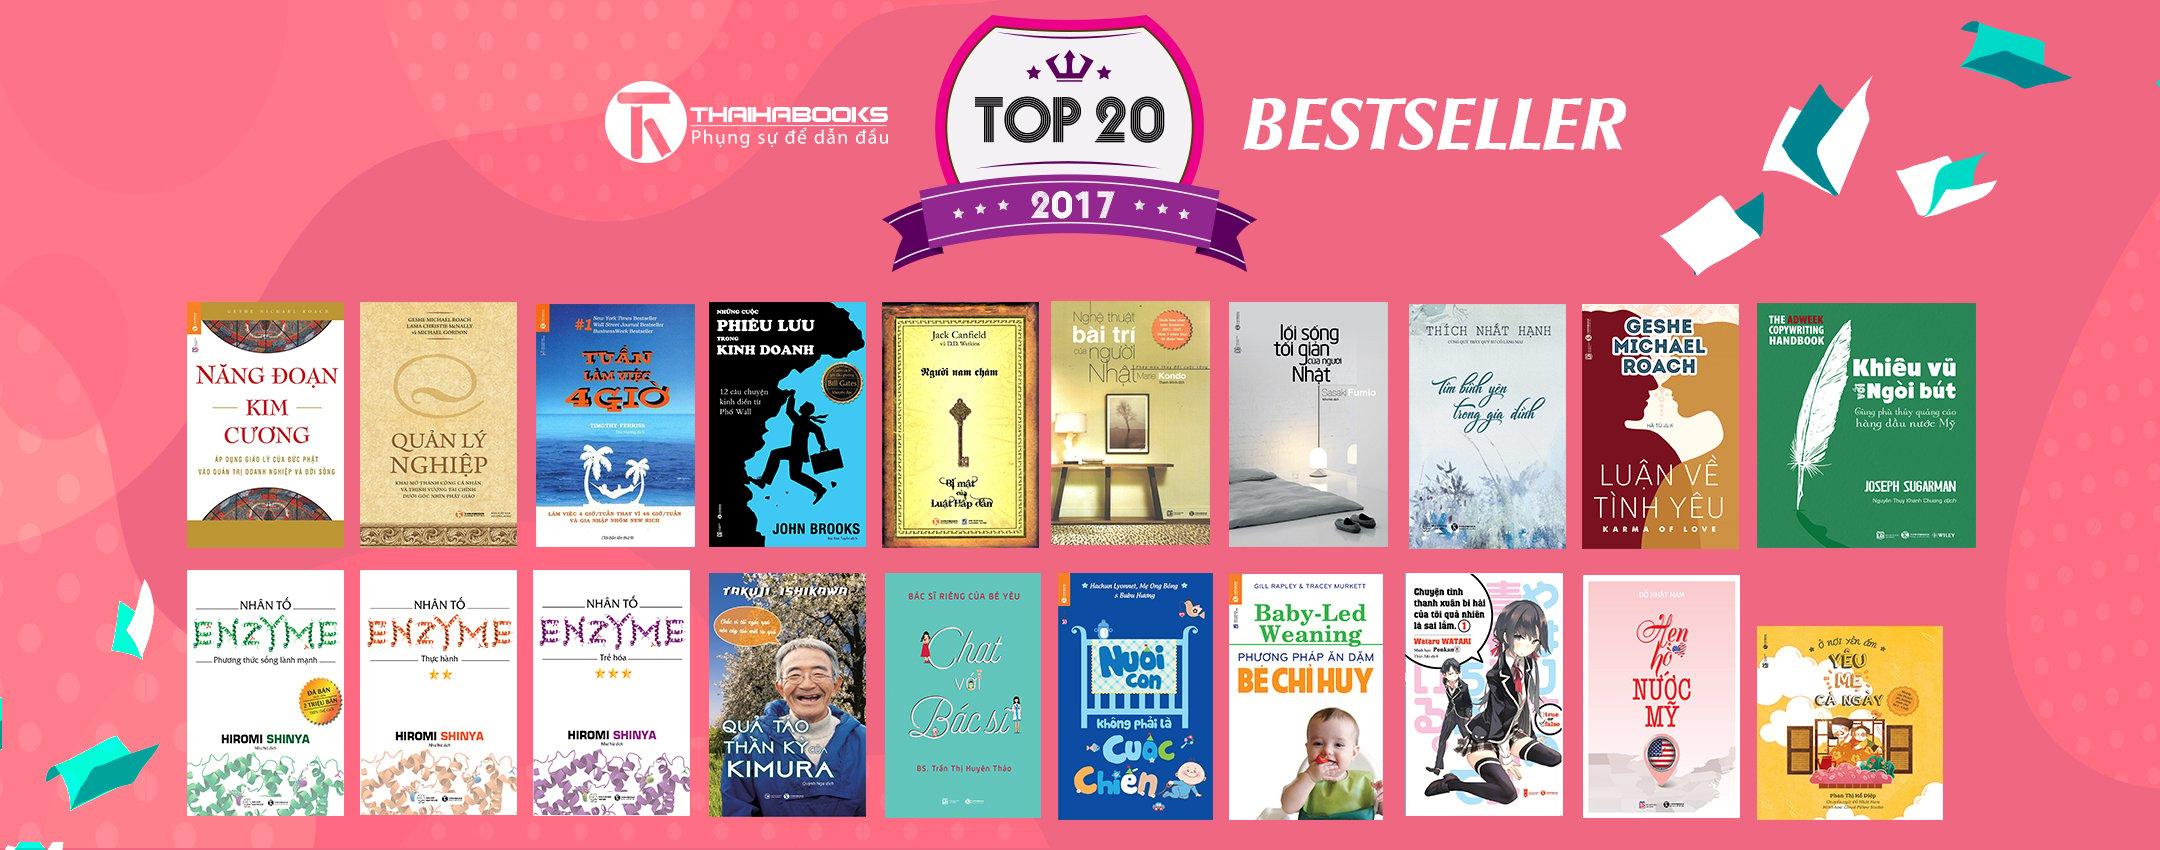 THAIHABOOKS - TOP 20 ĐẦU SÁCH BÁN CHẠY 2017